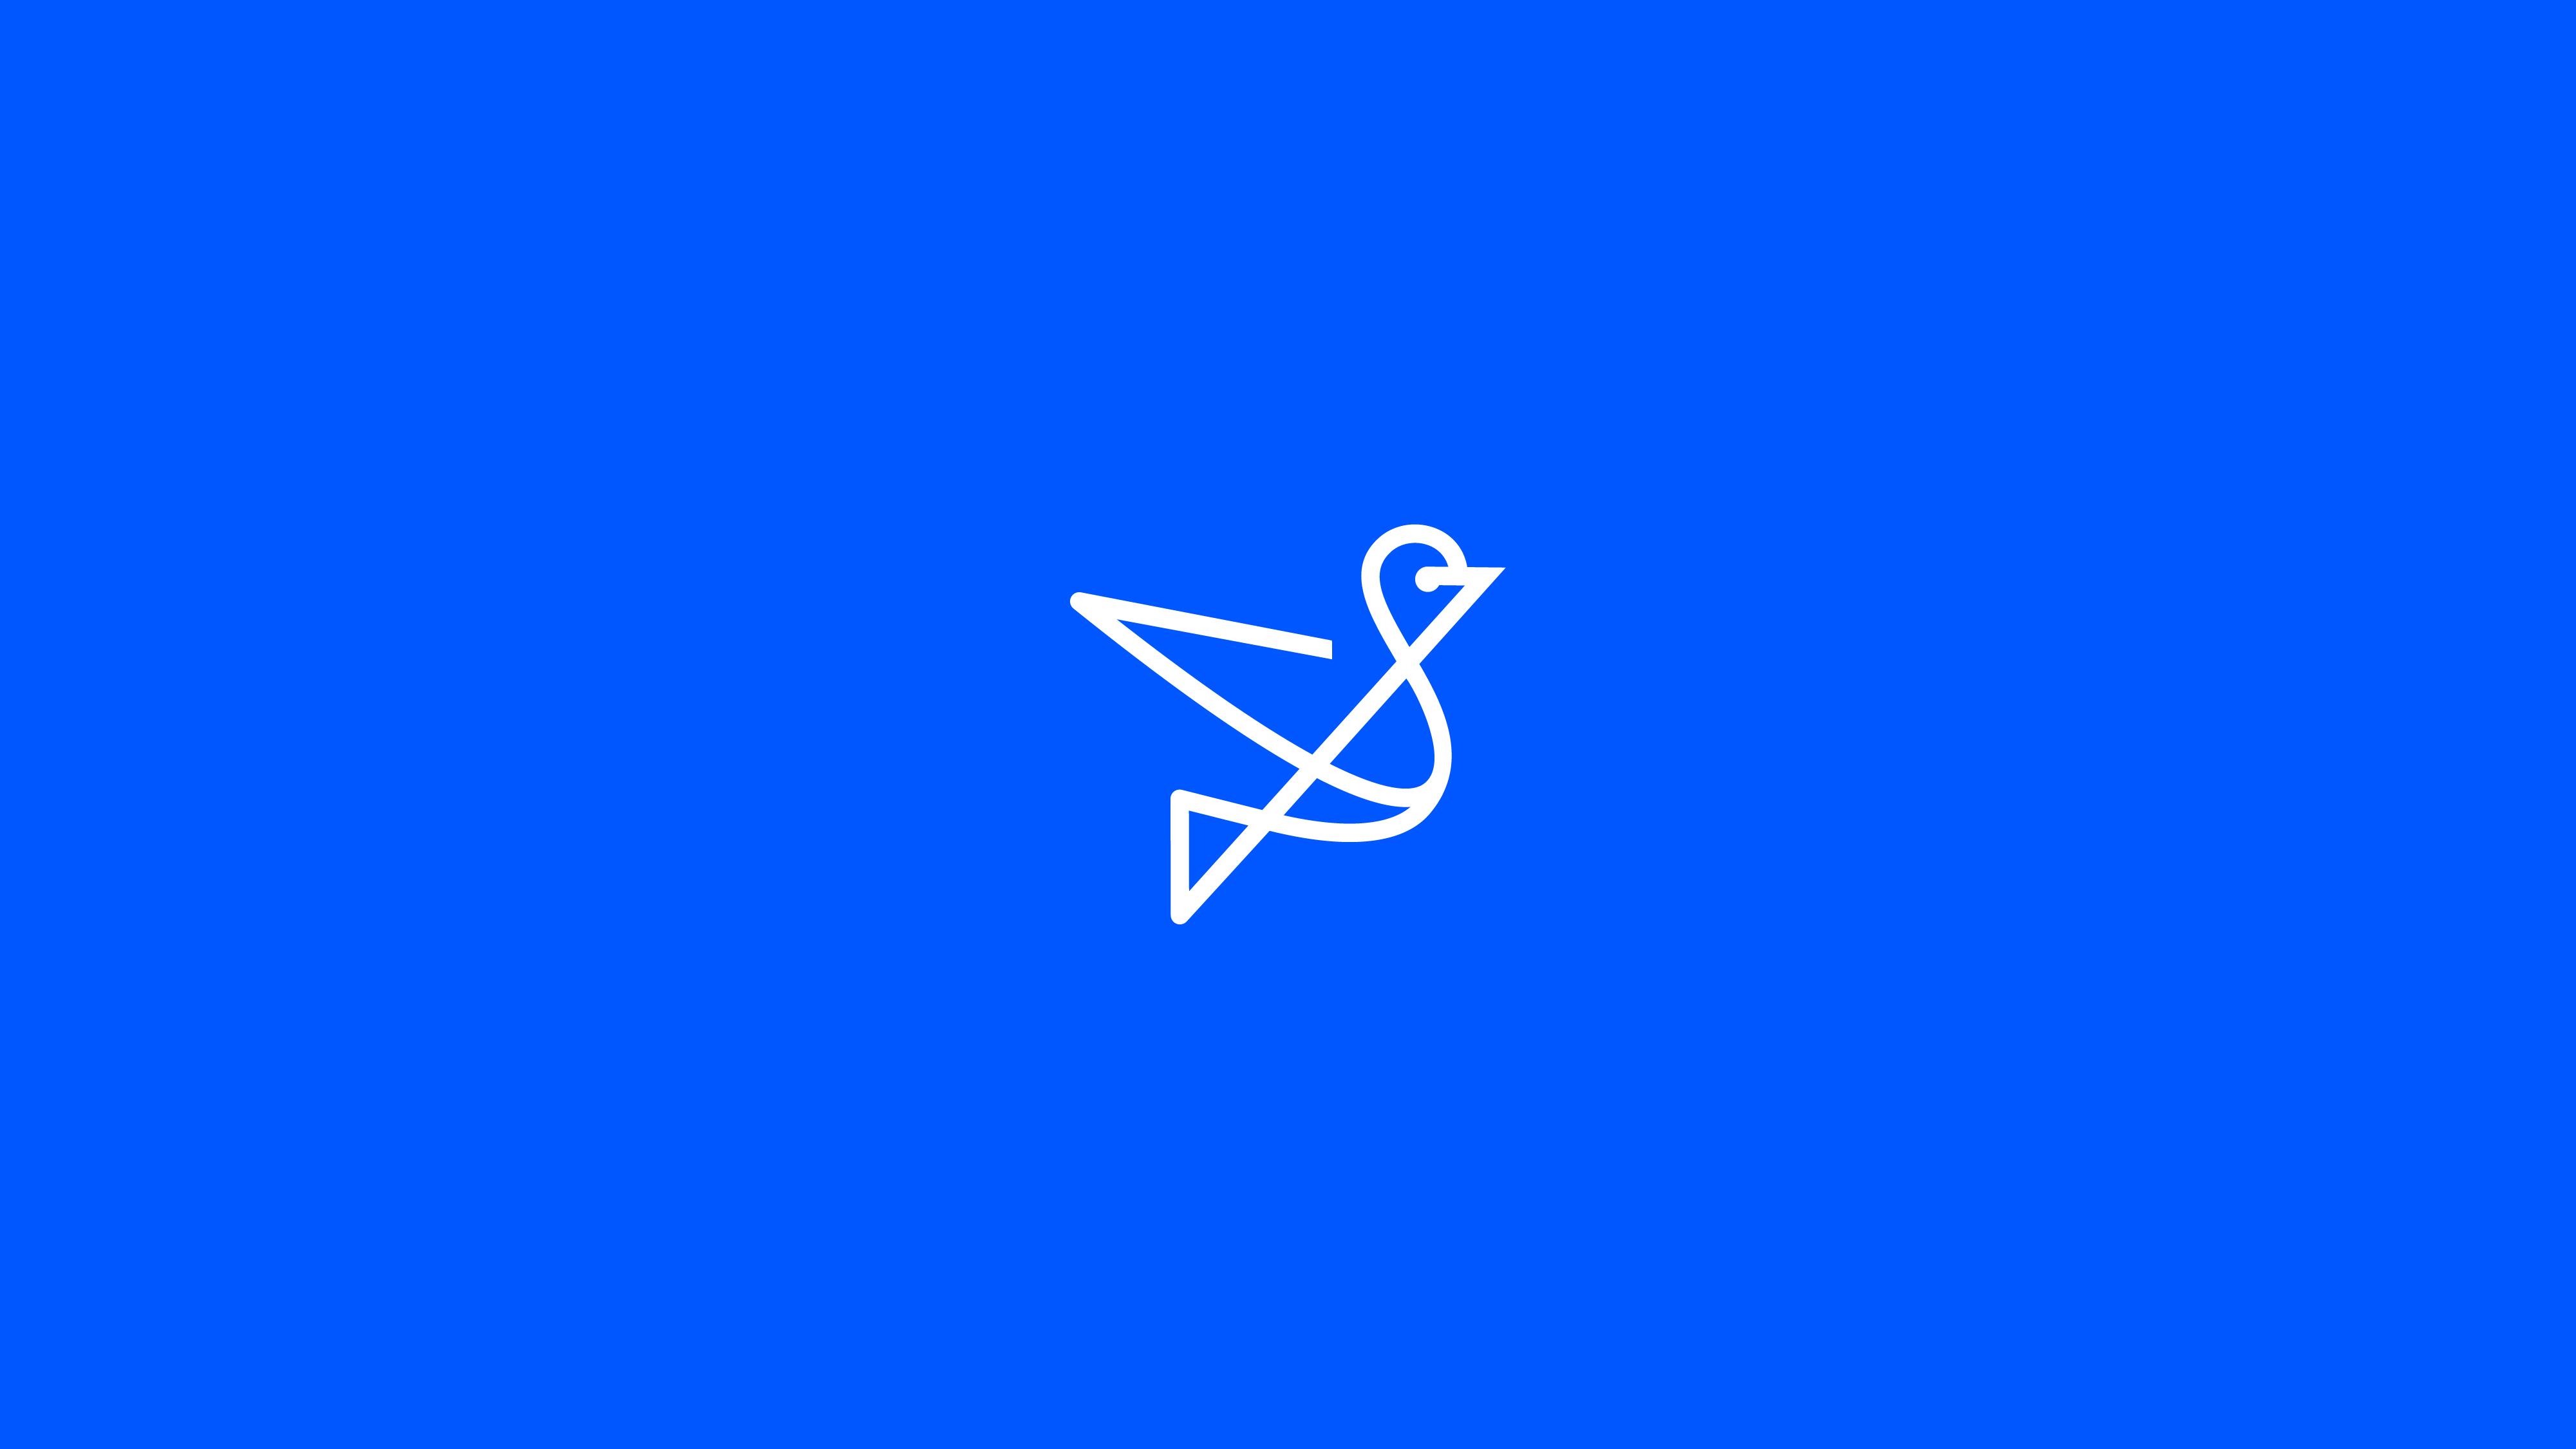 Simple-bird-logo-design